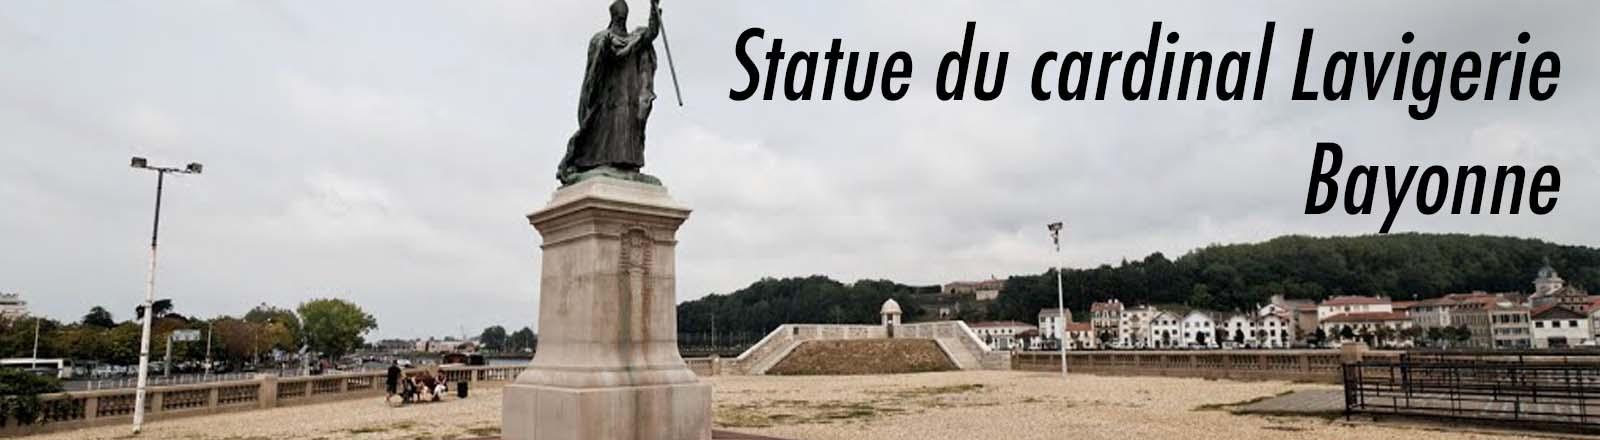 Statue du cardinal Lavigerie, à Bayonne